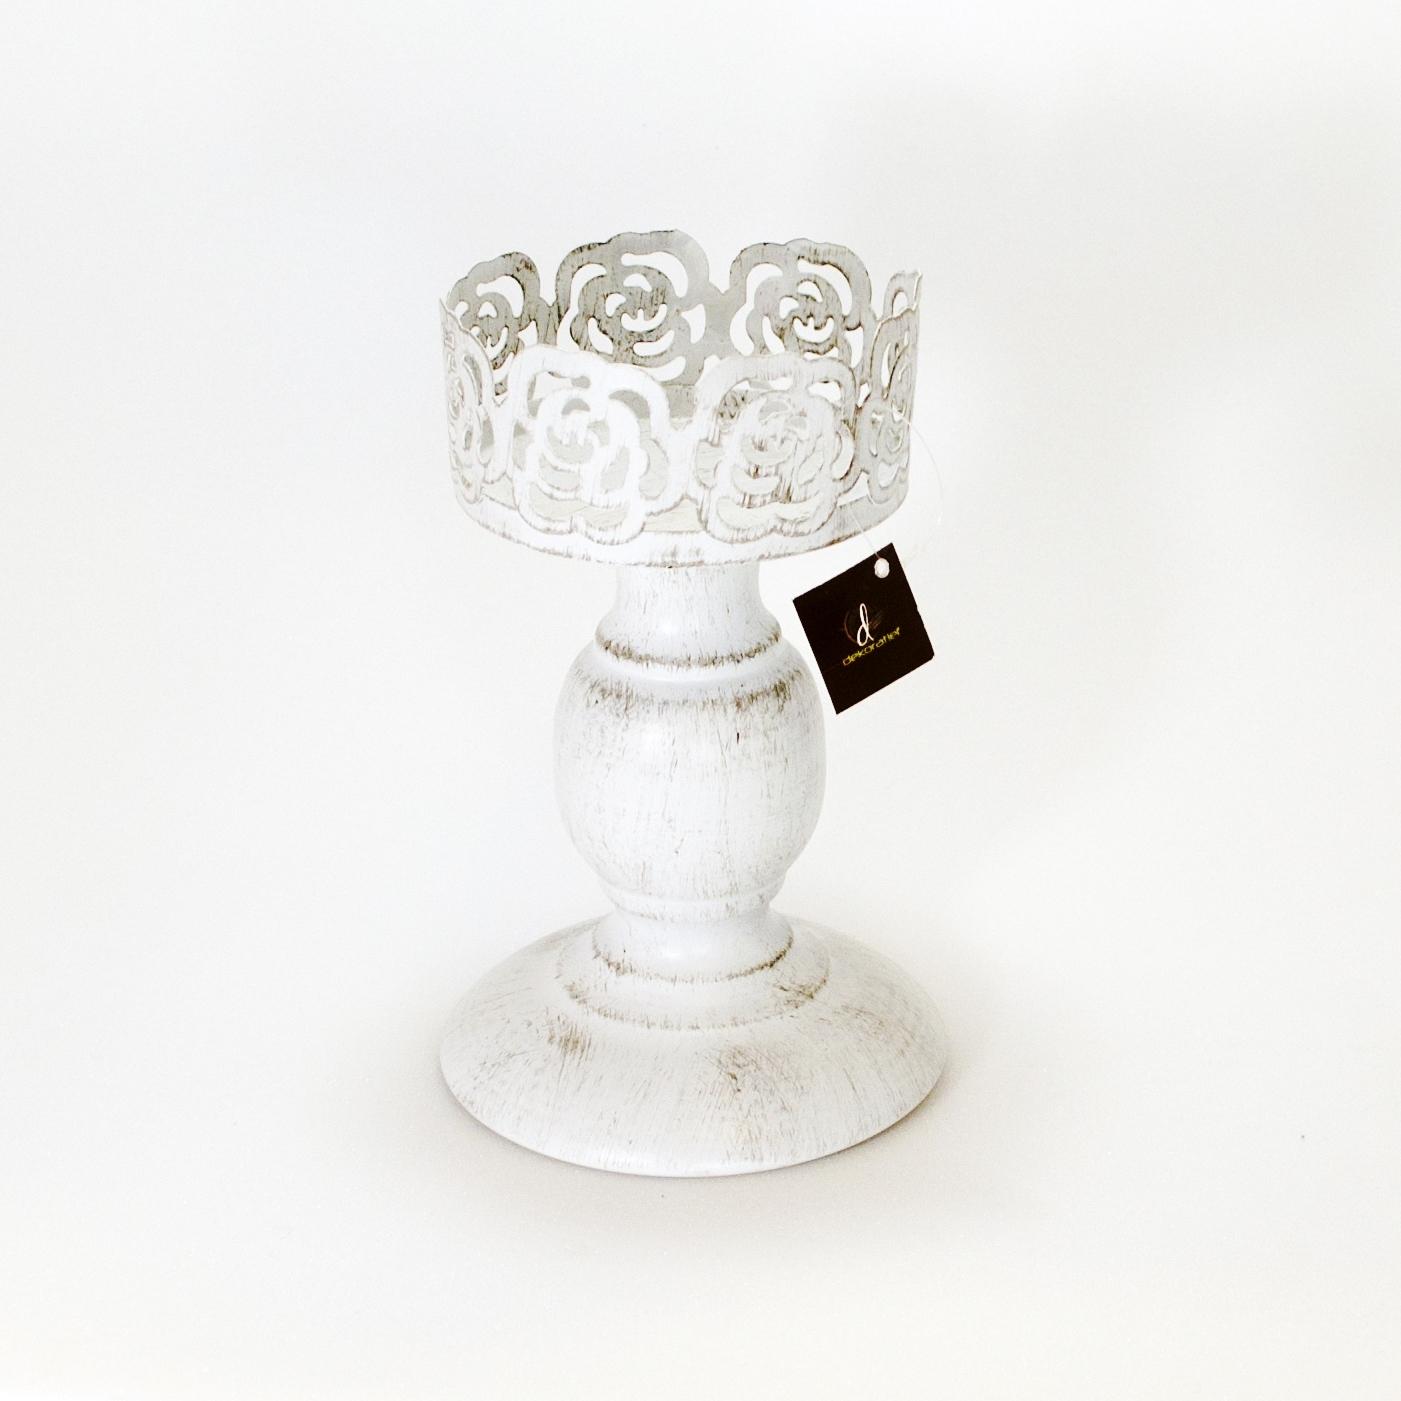 Подсвечник средний без стекла (Мебель и предметы интерьера)